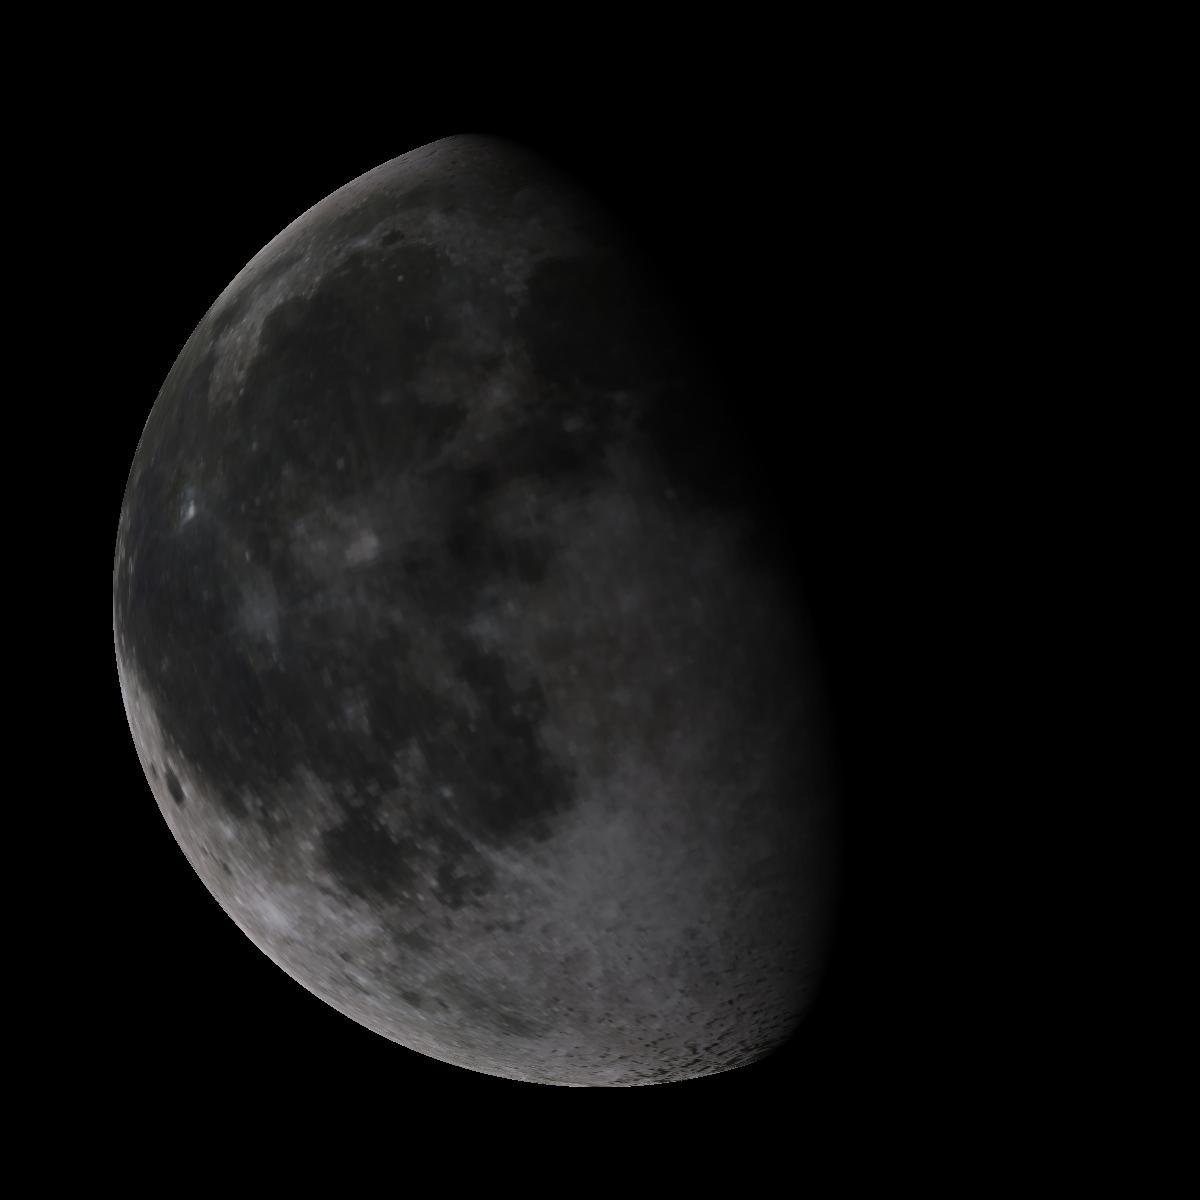 Lune du 14 février 2020